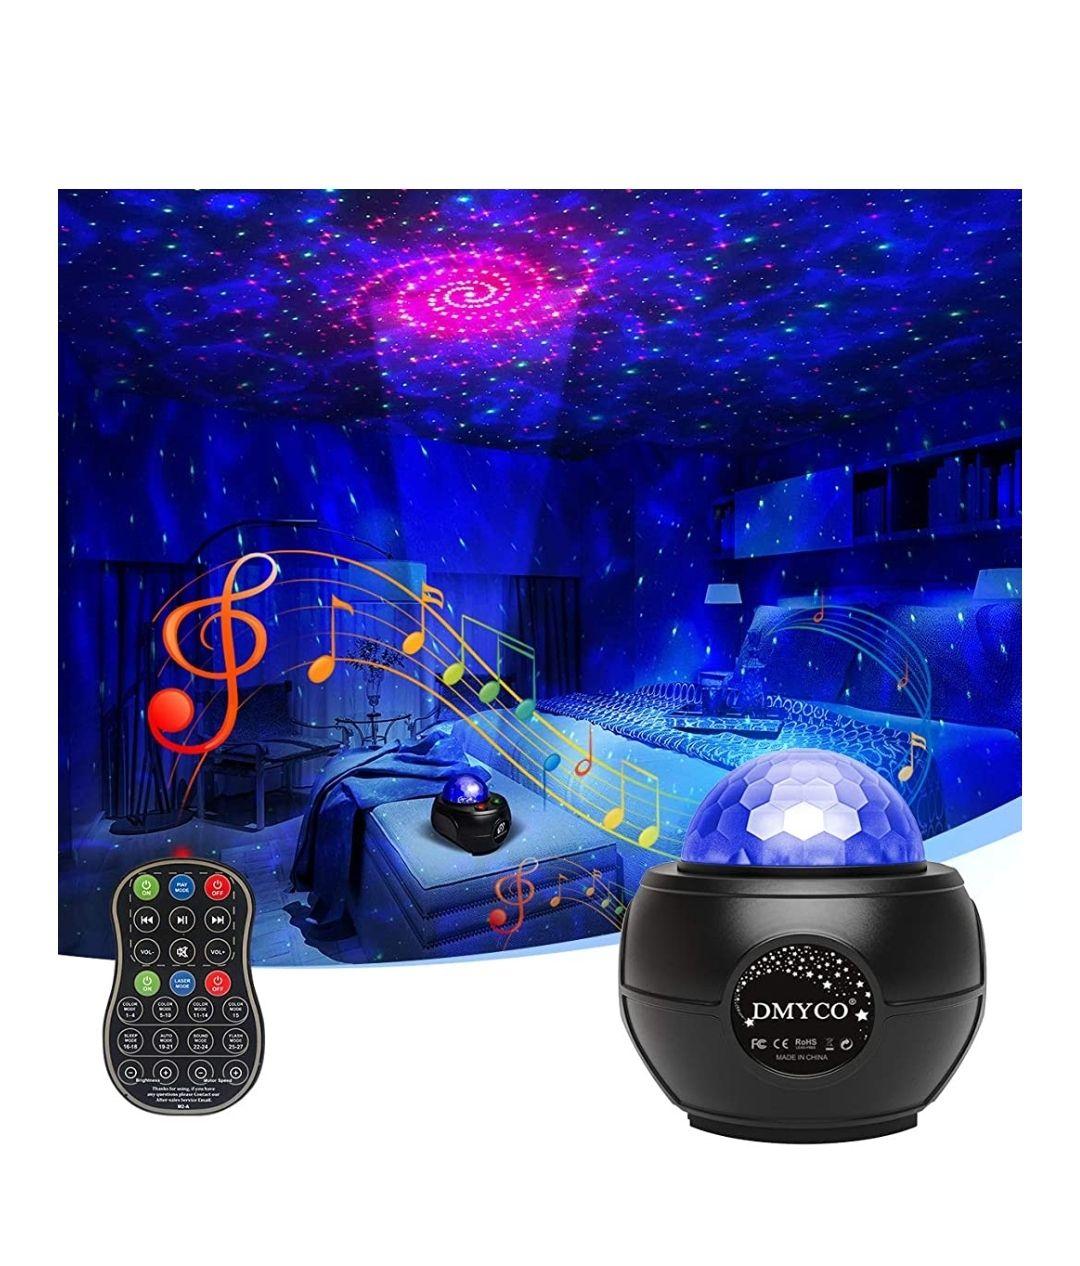 Projecteur Ciel Étoiles Dmyco - Fonction Veilleuse musicale (via coupon - Vendeur tiers)